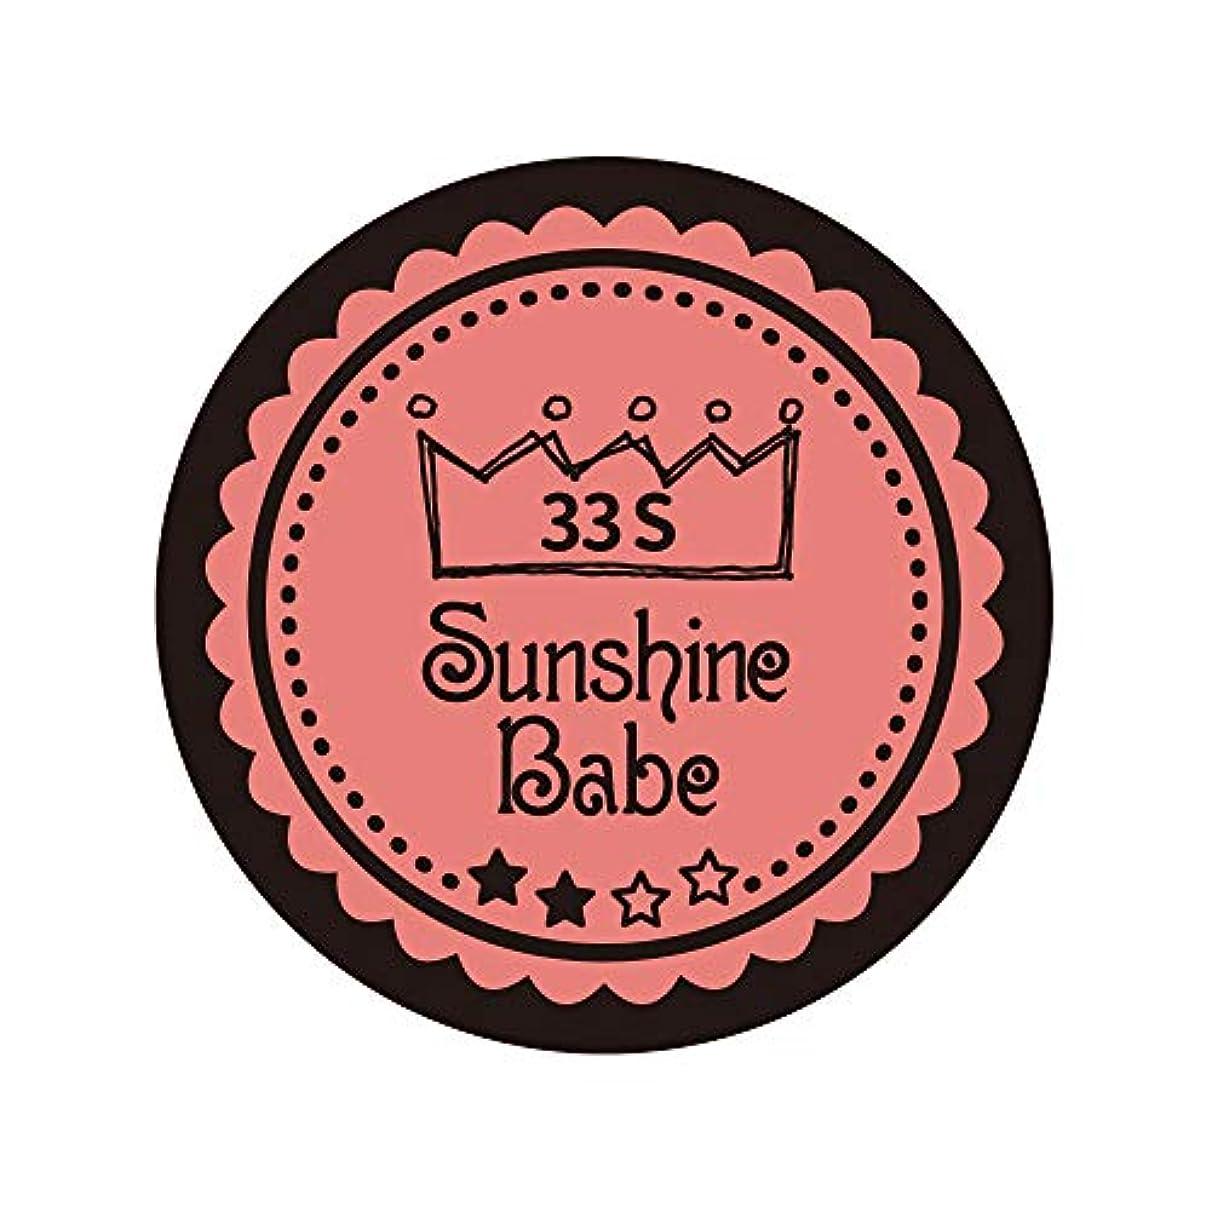 果てしないブルームメイトSunshine Babe カラージェル 33S ベイクドコーラルピンク 2.7g UV/LED対応